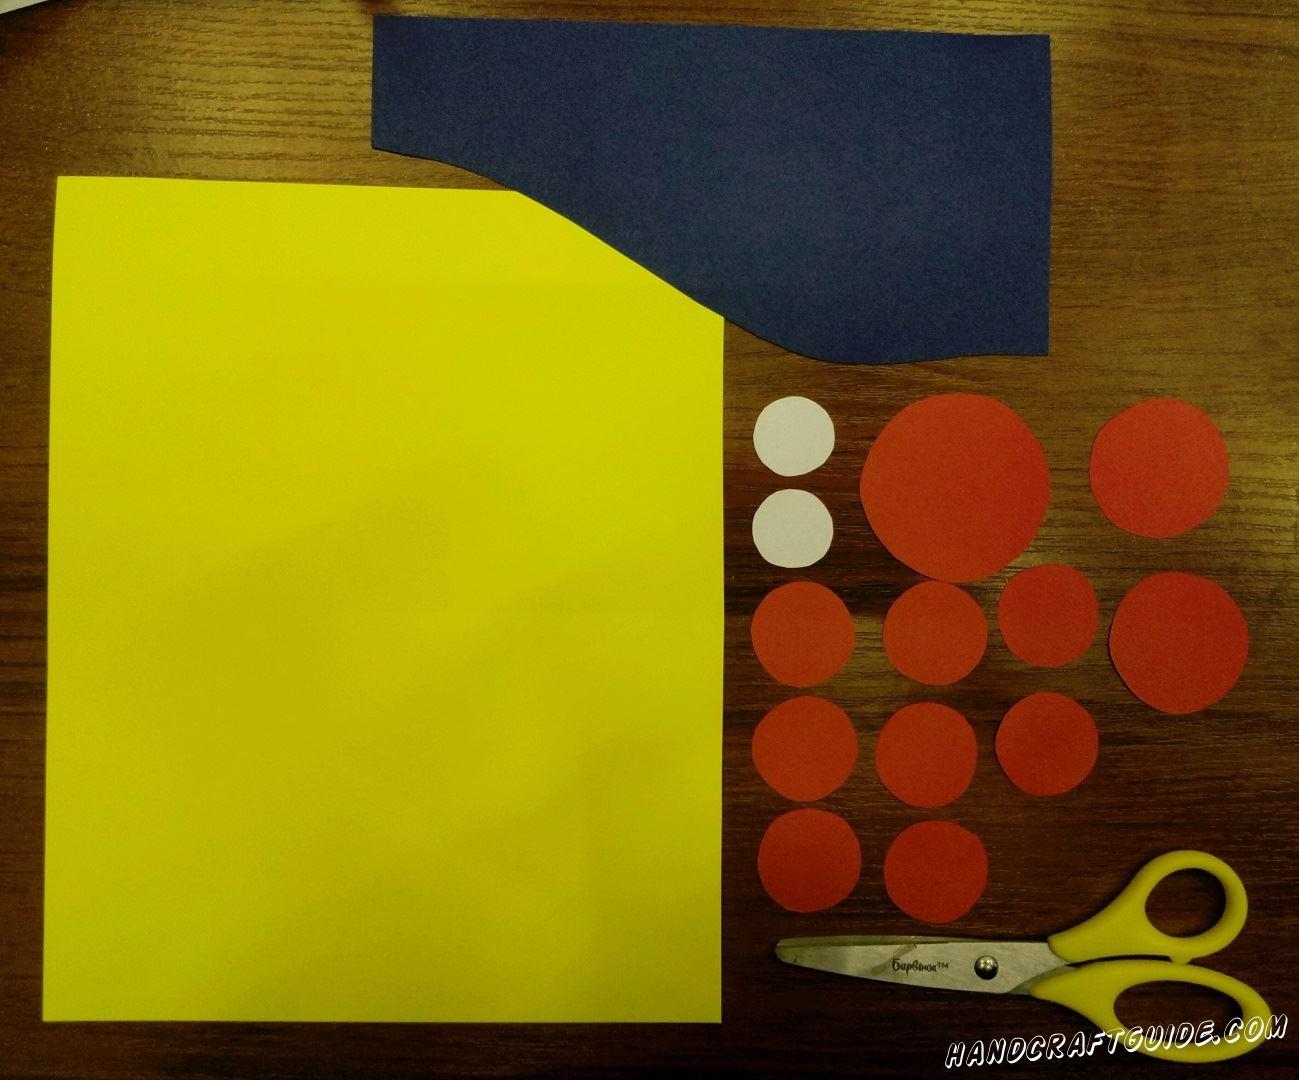 Для начала мы берём синий лист бумаги и вырезаем из него прямоугольник, только чтоб одна сторона была волнистой, а не ровной, как будто горка. Из красной бумаги мы вырезаем 1 круг покрупнее, 2 чуть меньше и 8 чуть меньше средних. Затем, из белой бумаги, 2 самых маленьких кружка. Ну и не забываем взять желтый лист, он нам послужит фоном